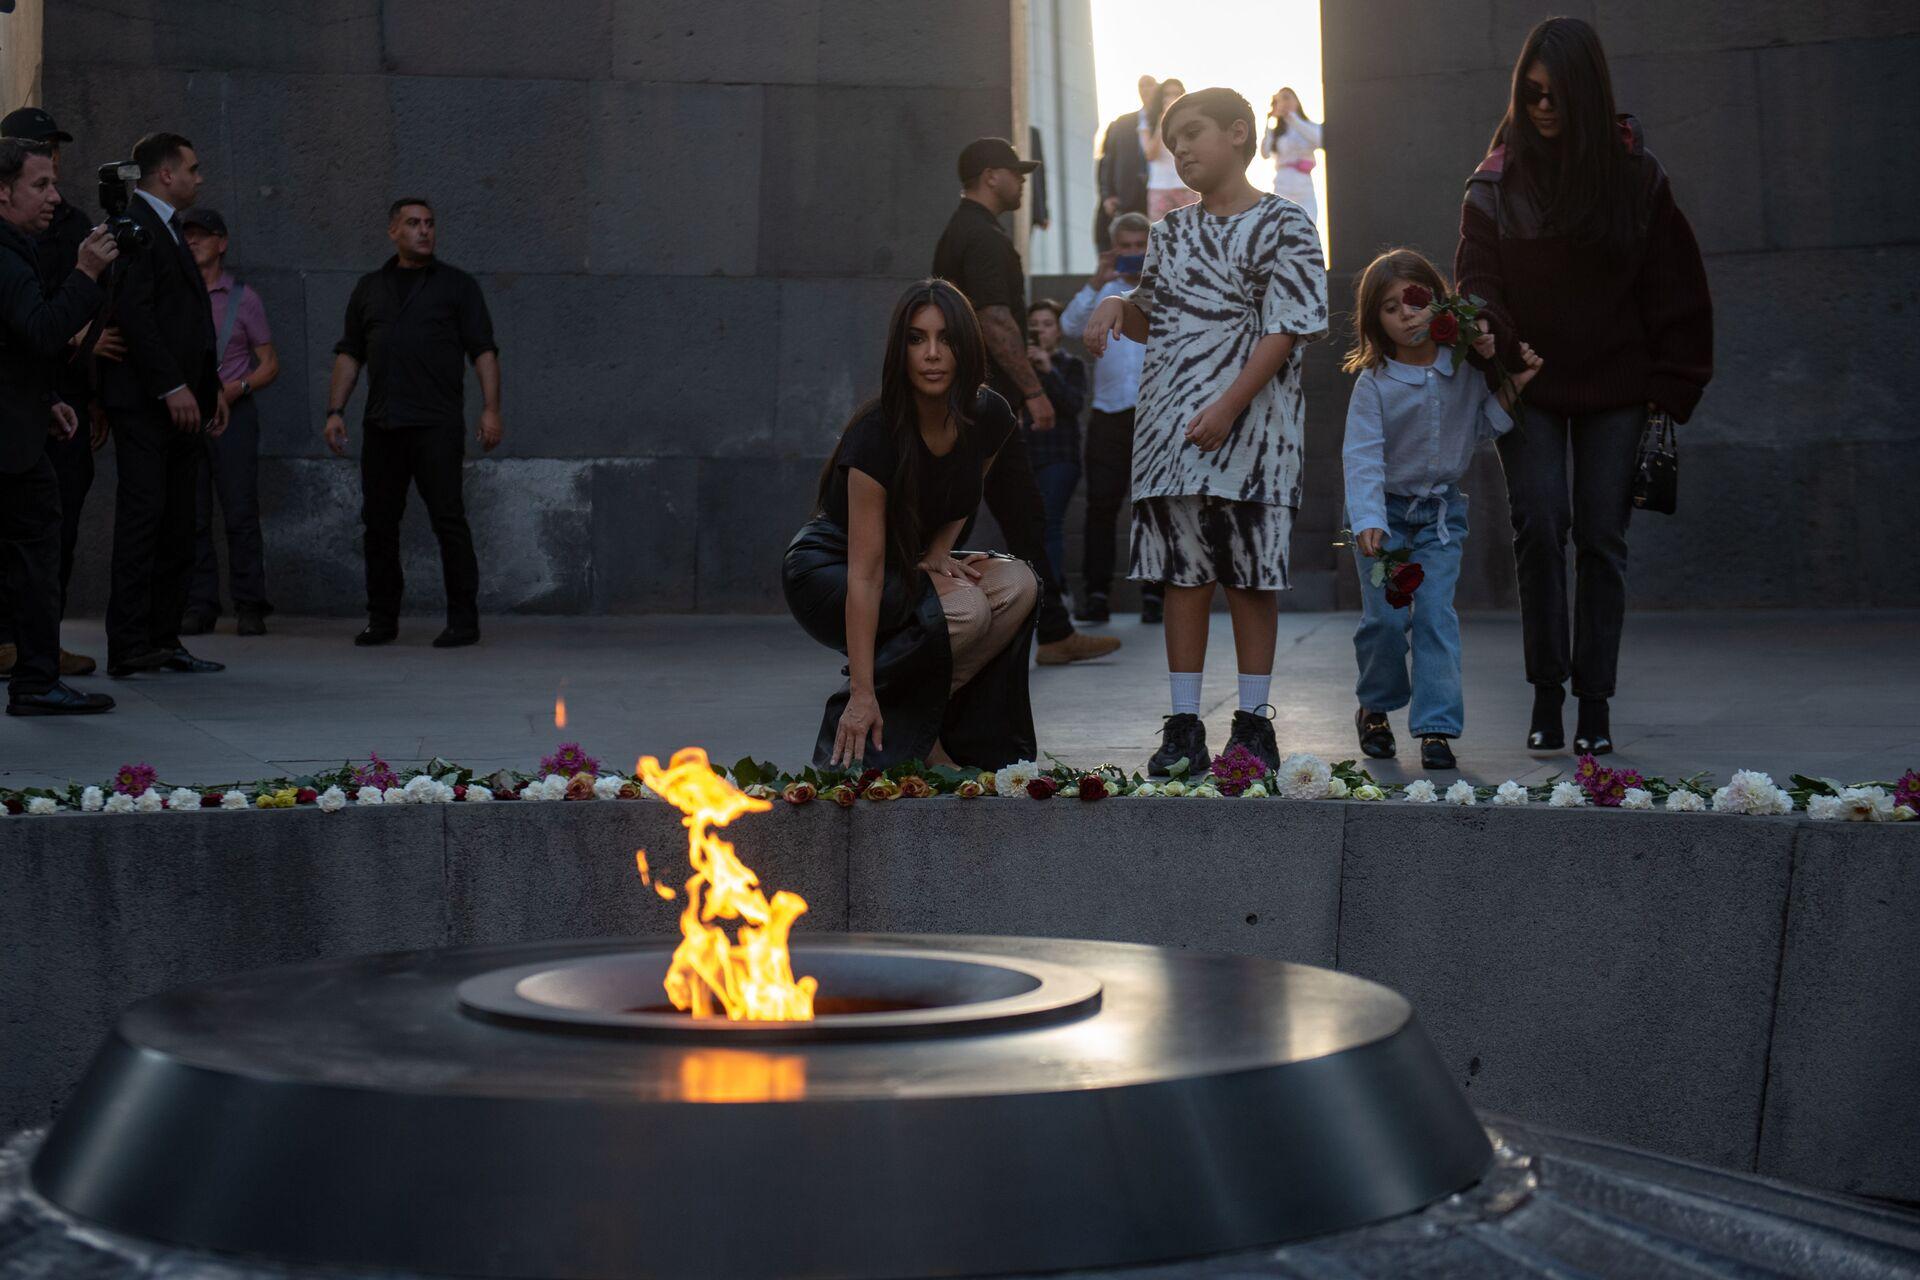 Kim Kardashianová pokládá květiny na věčný plamen v pamětním komplexu věnovaném obětem arménské genocidy v Jerevanu v roce 1915 - Sputnik Česká republika, 1920, 30.04.2021